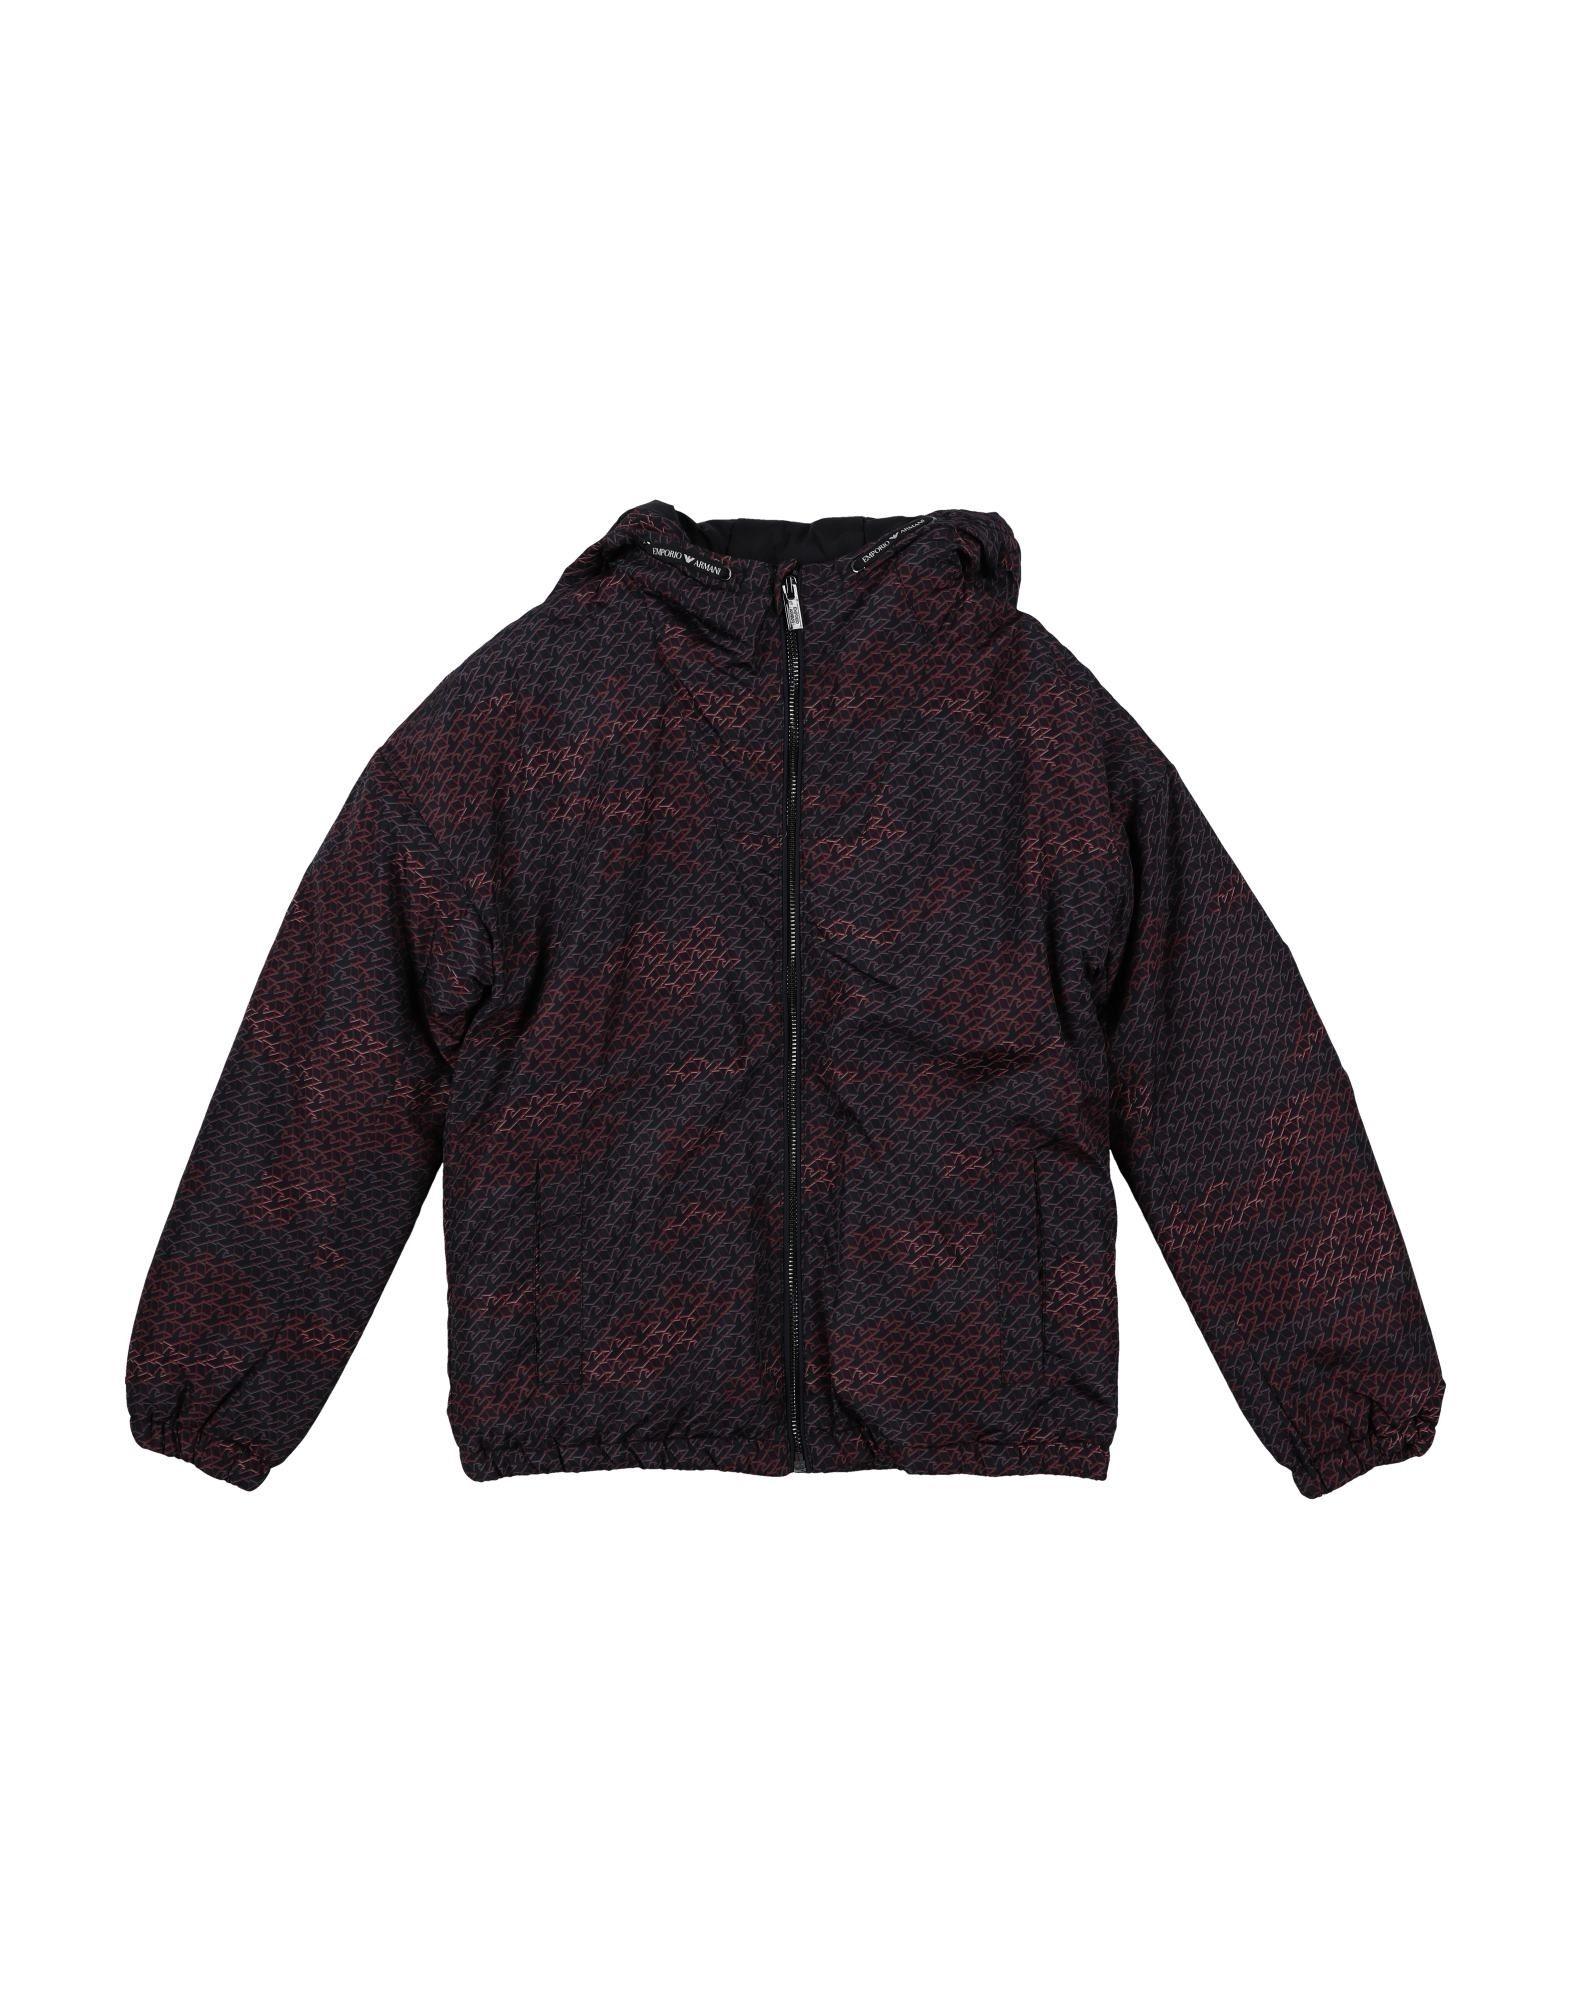 EMPORIO ARMANI Jackets - Item 41993120